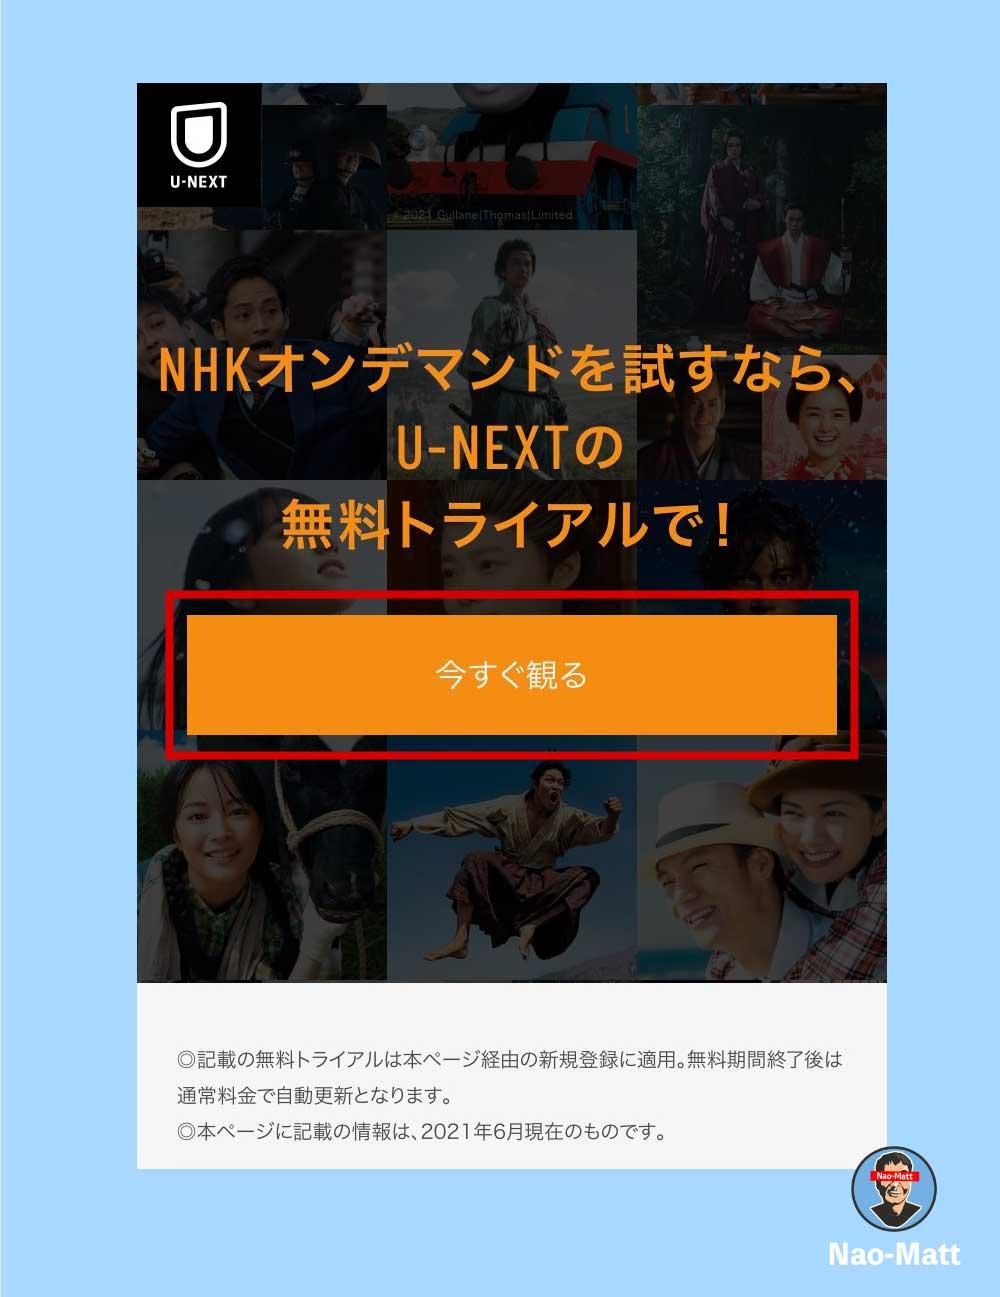 NHKオンデマンド経由ホーム画面です